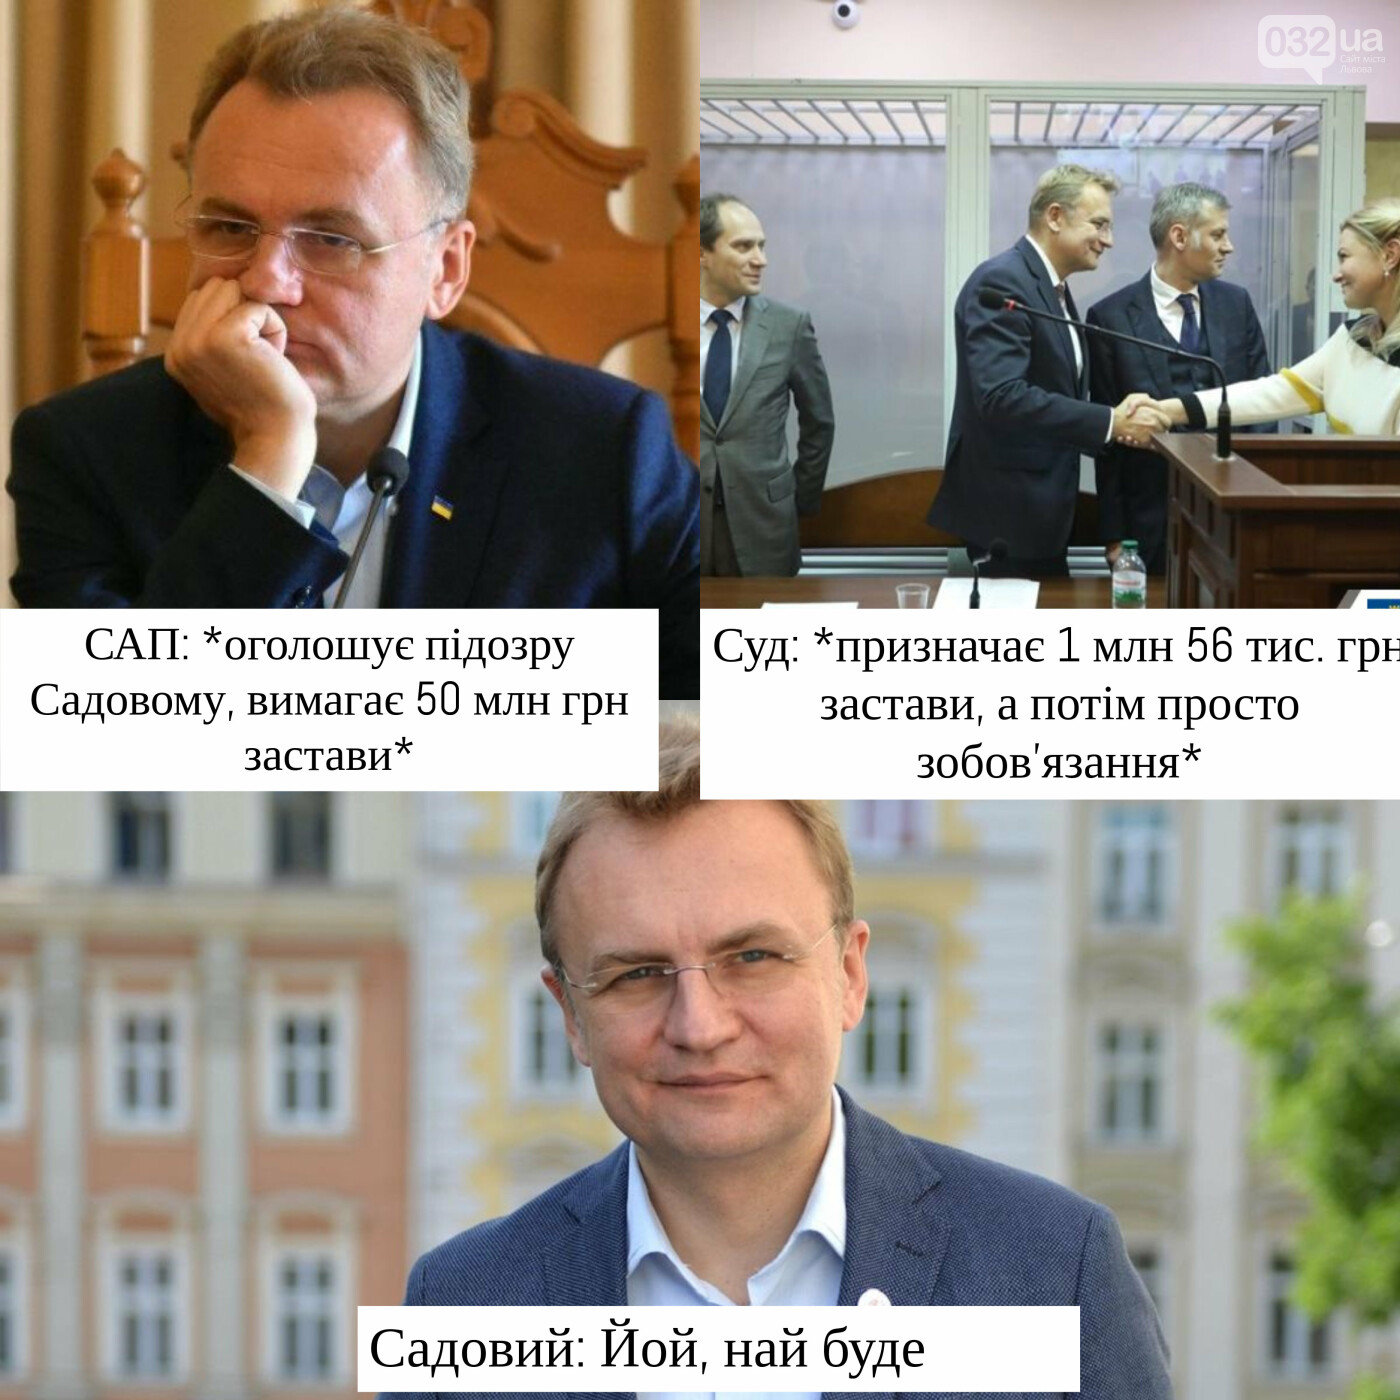 Меми про Львів, 032.ua